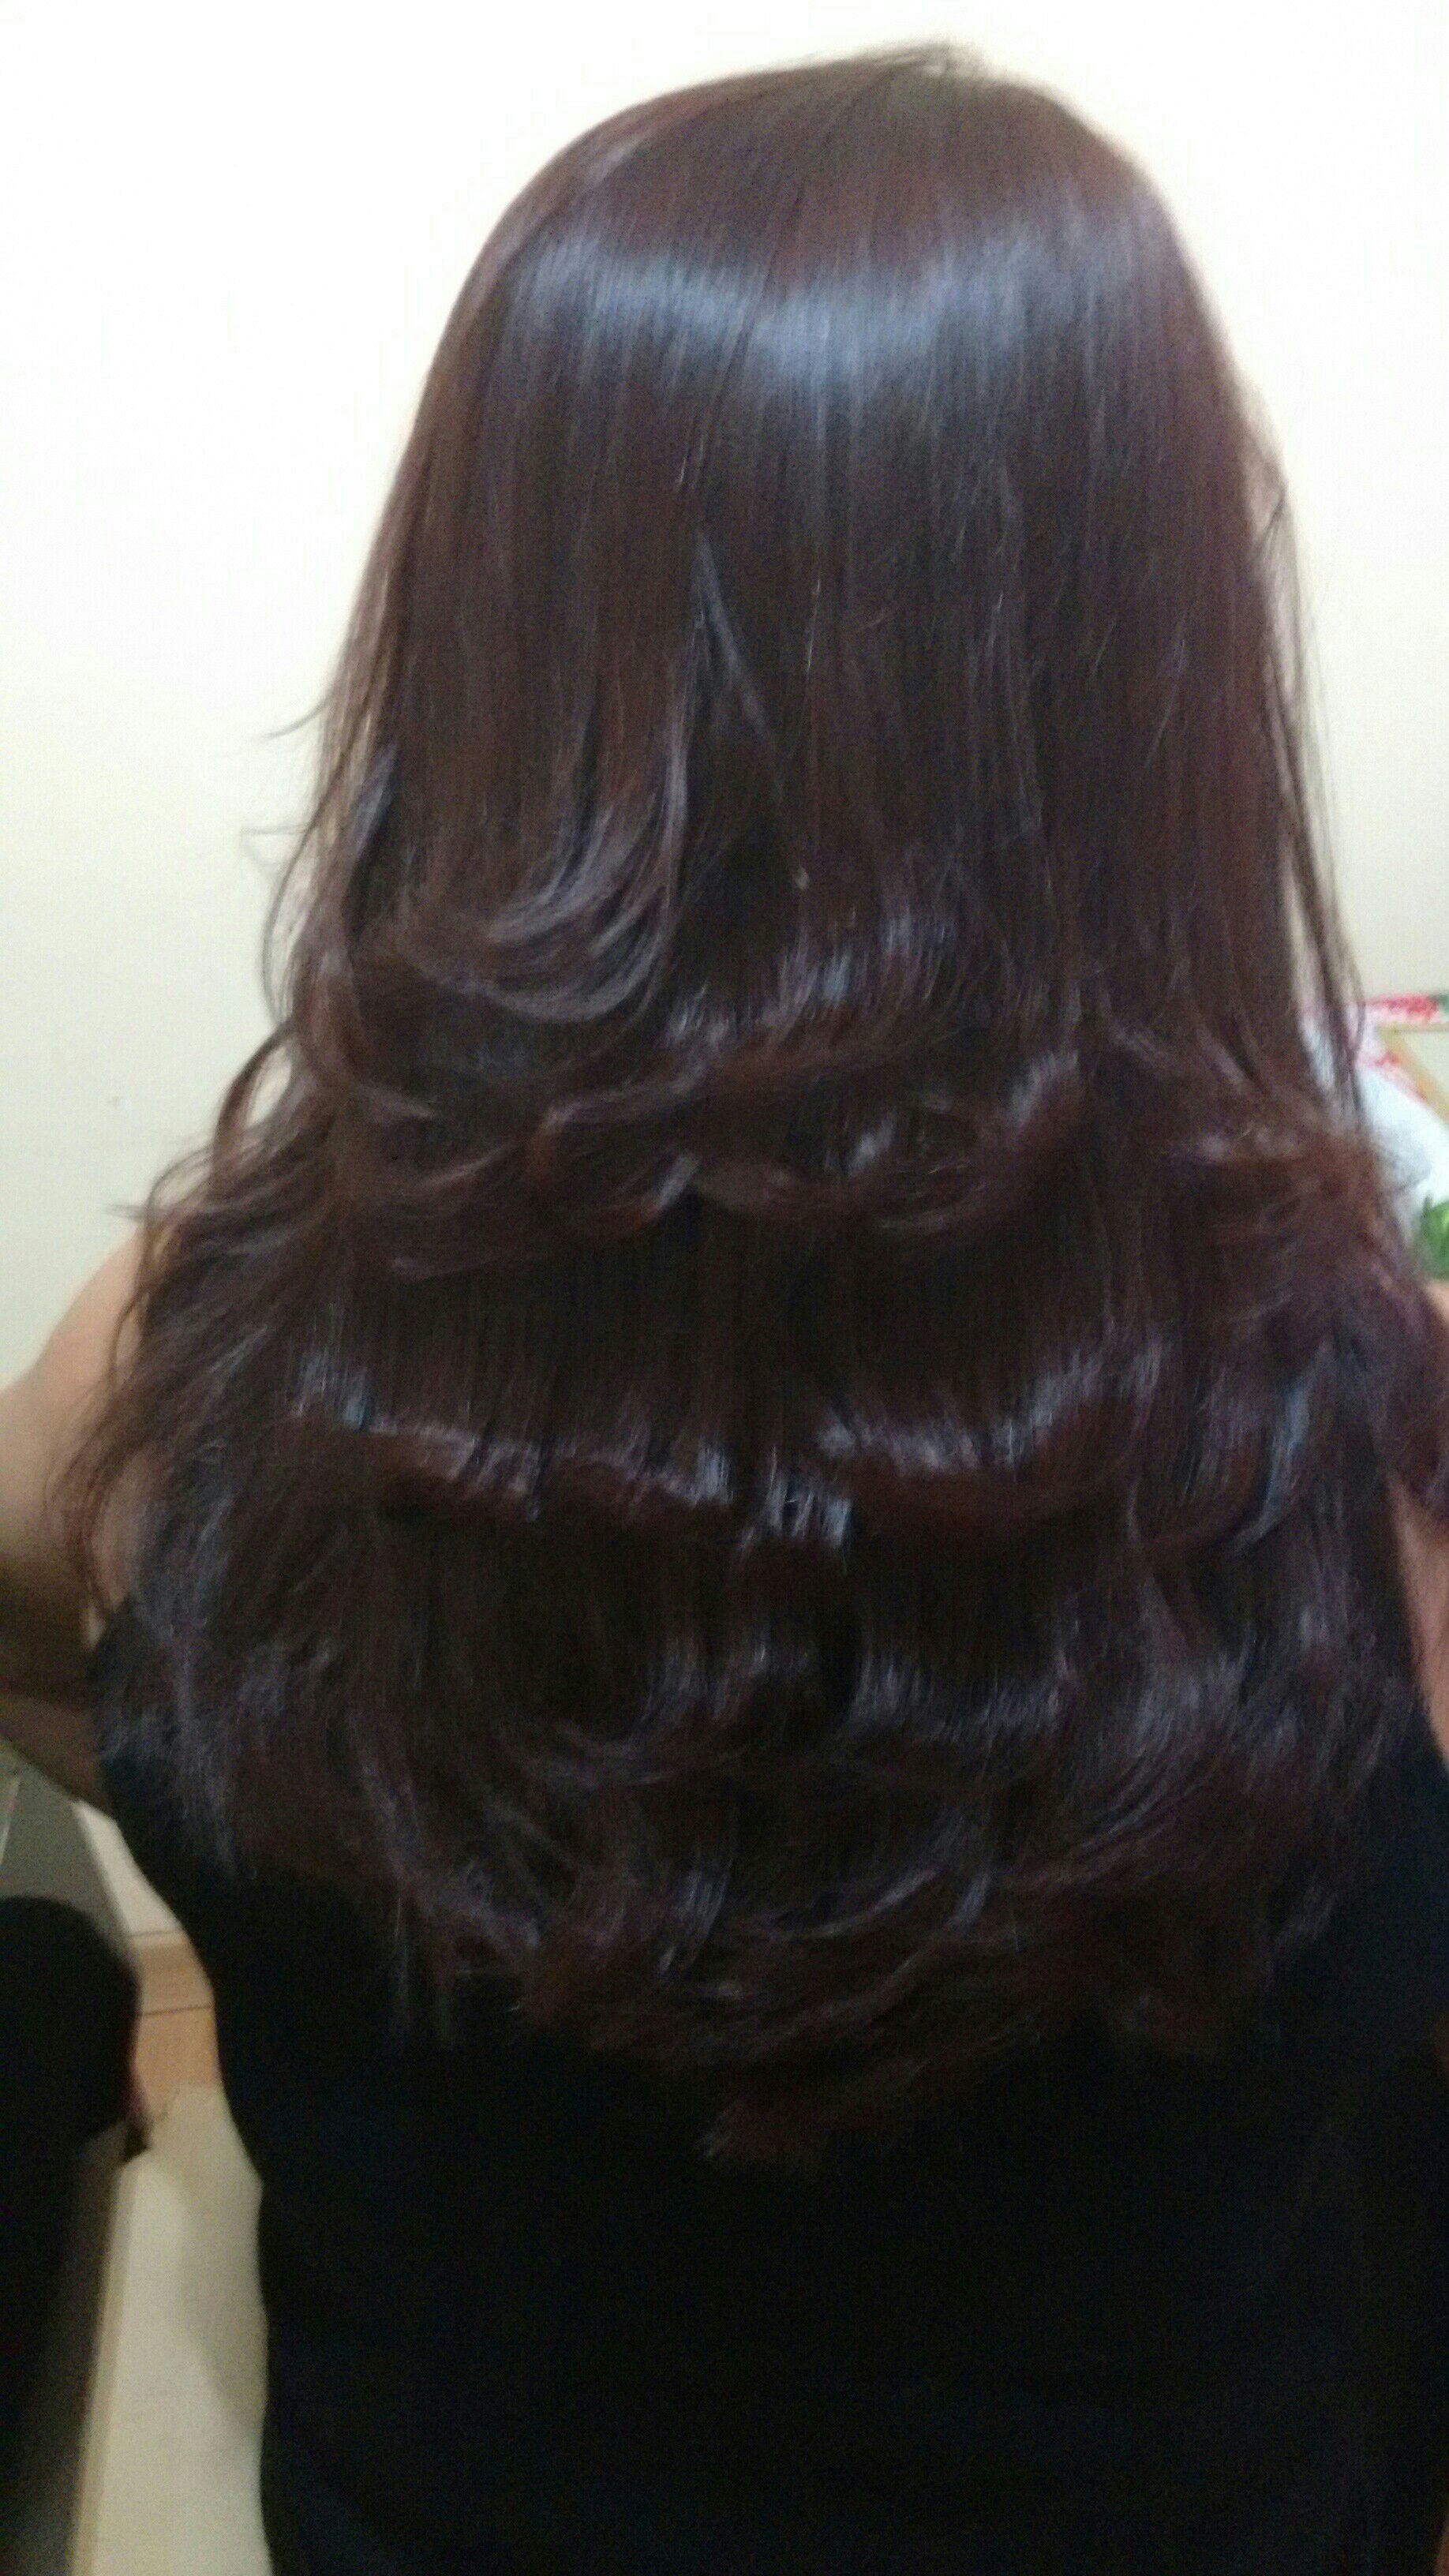 Corte, escova, aplicação de tintura 6.0 + 7.1 cliente tinha 50 por cento de cabelos brancos cabelo cabeleireiro(a)